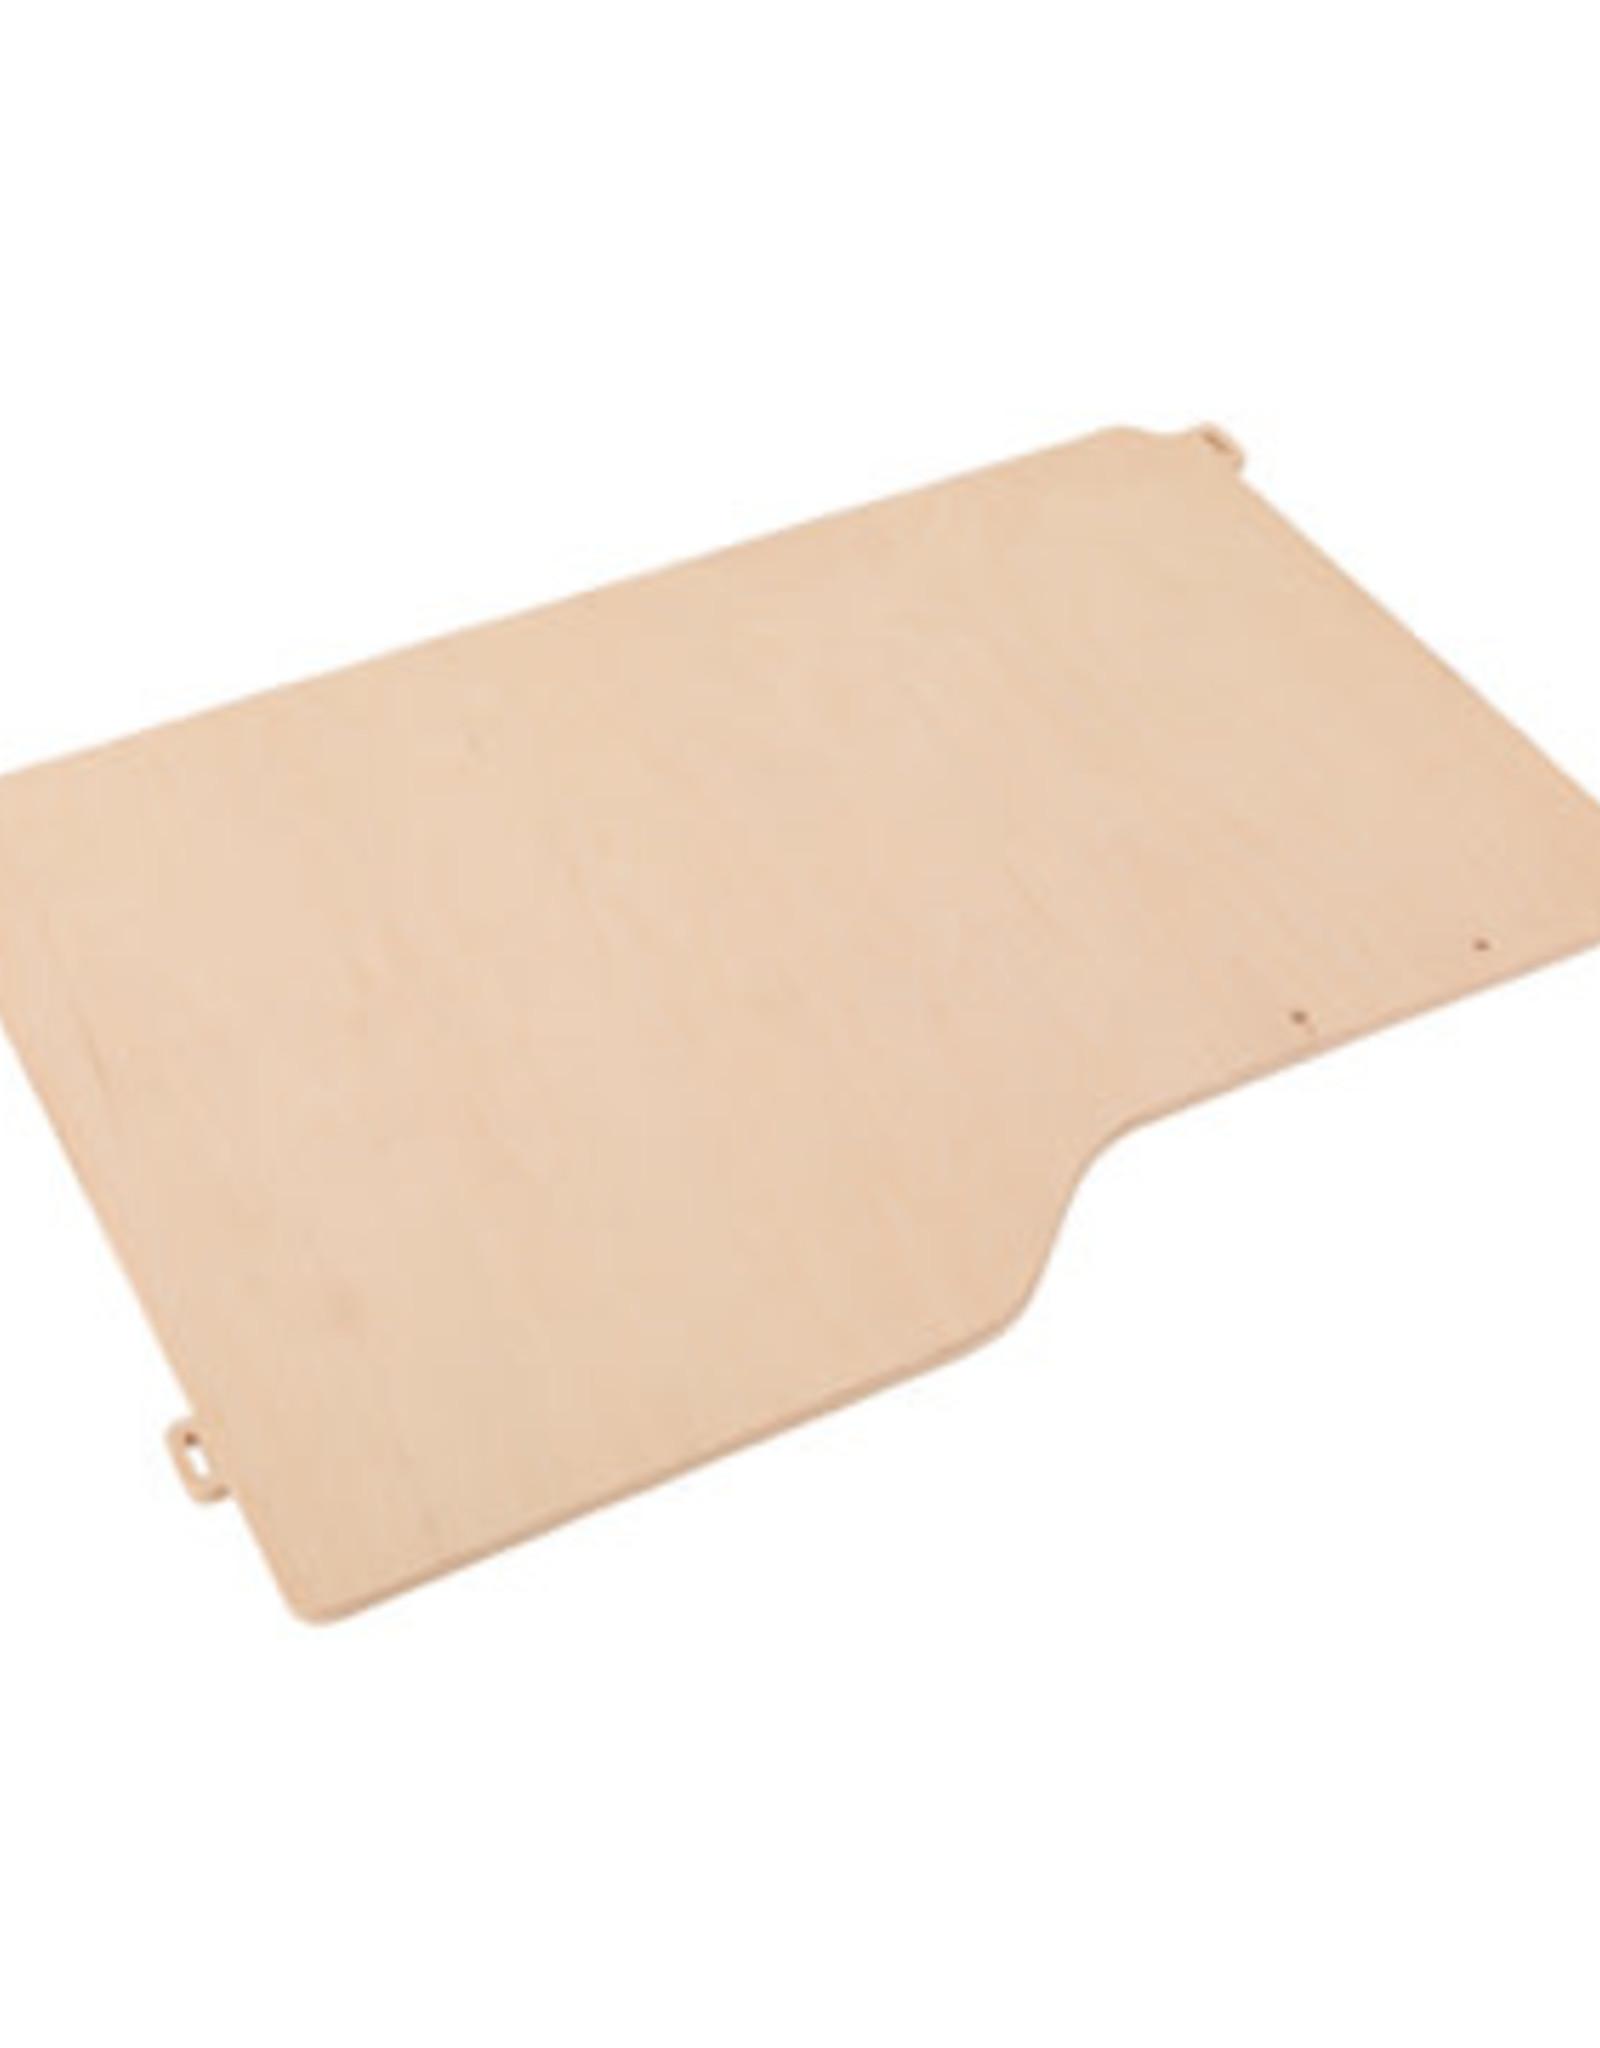 Zolux Nevo Wooden Floor (204244)